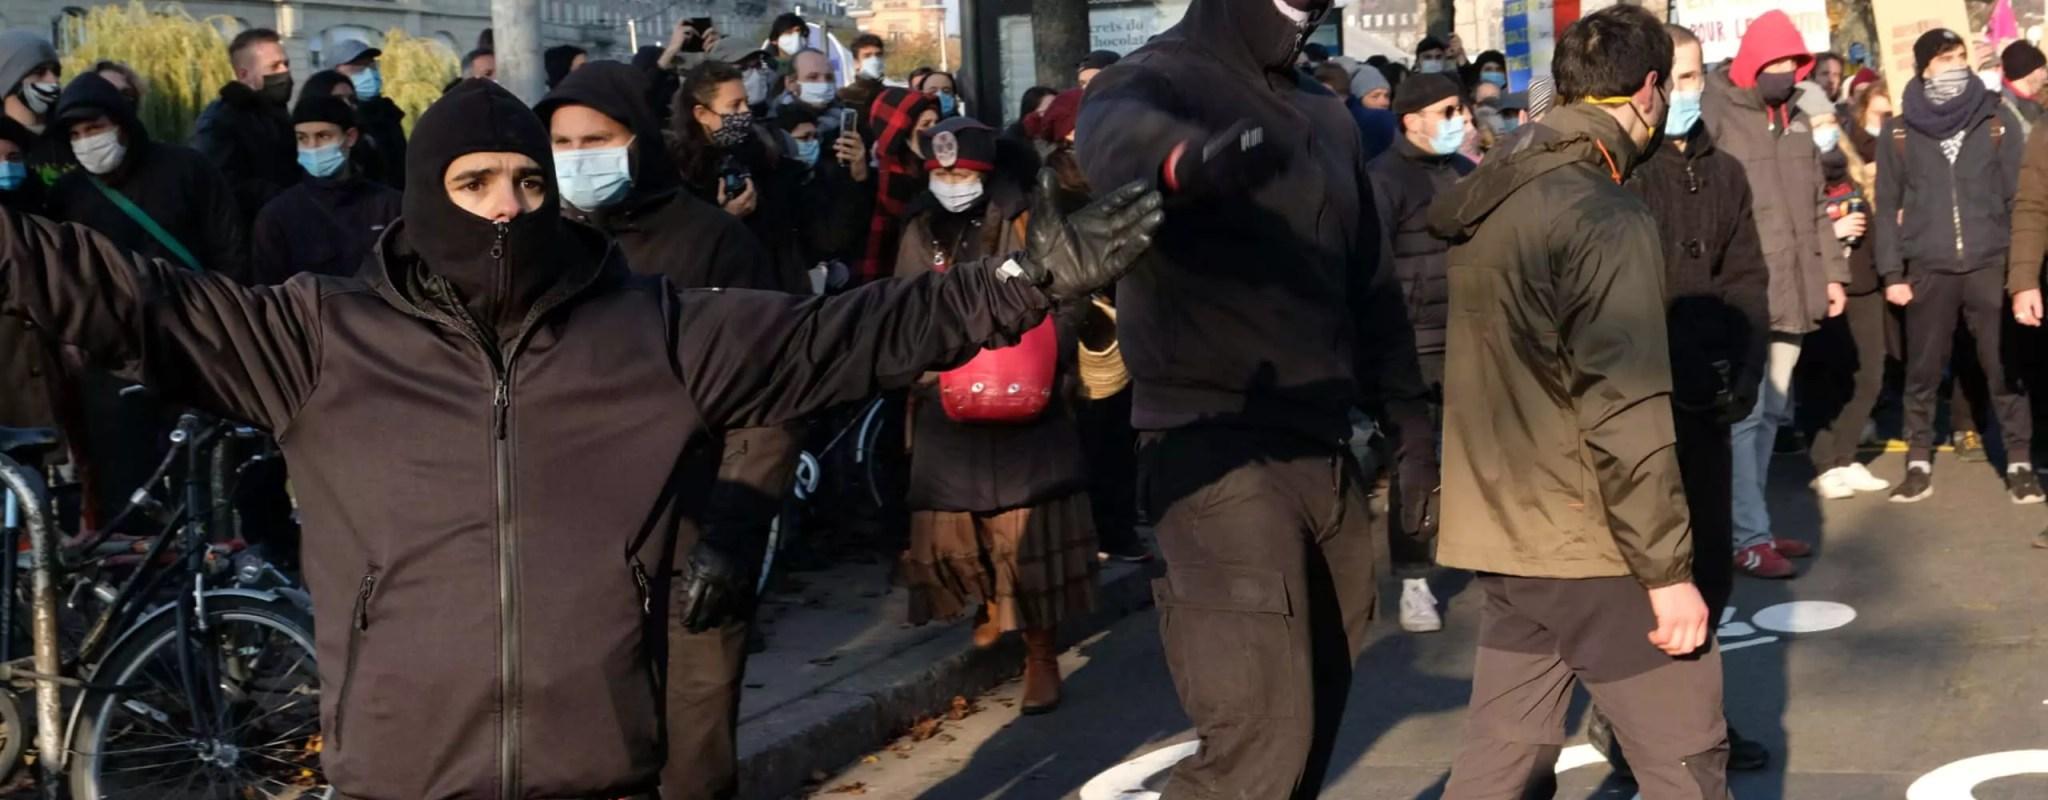 Des hooligans néonazis provoquent une bagarre en pleine manifestation